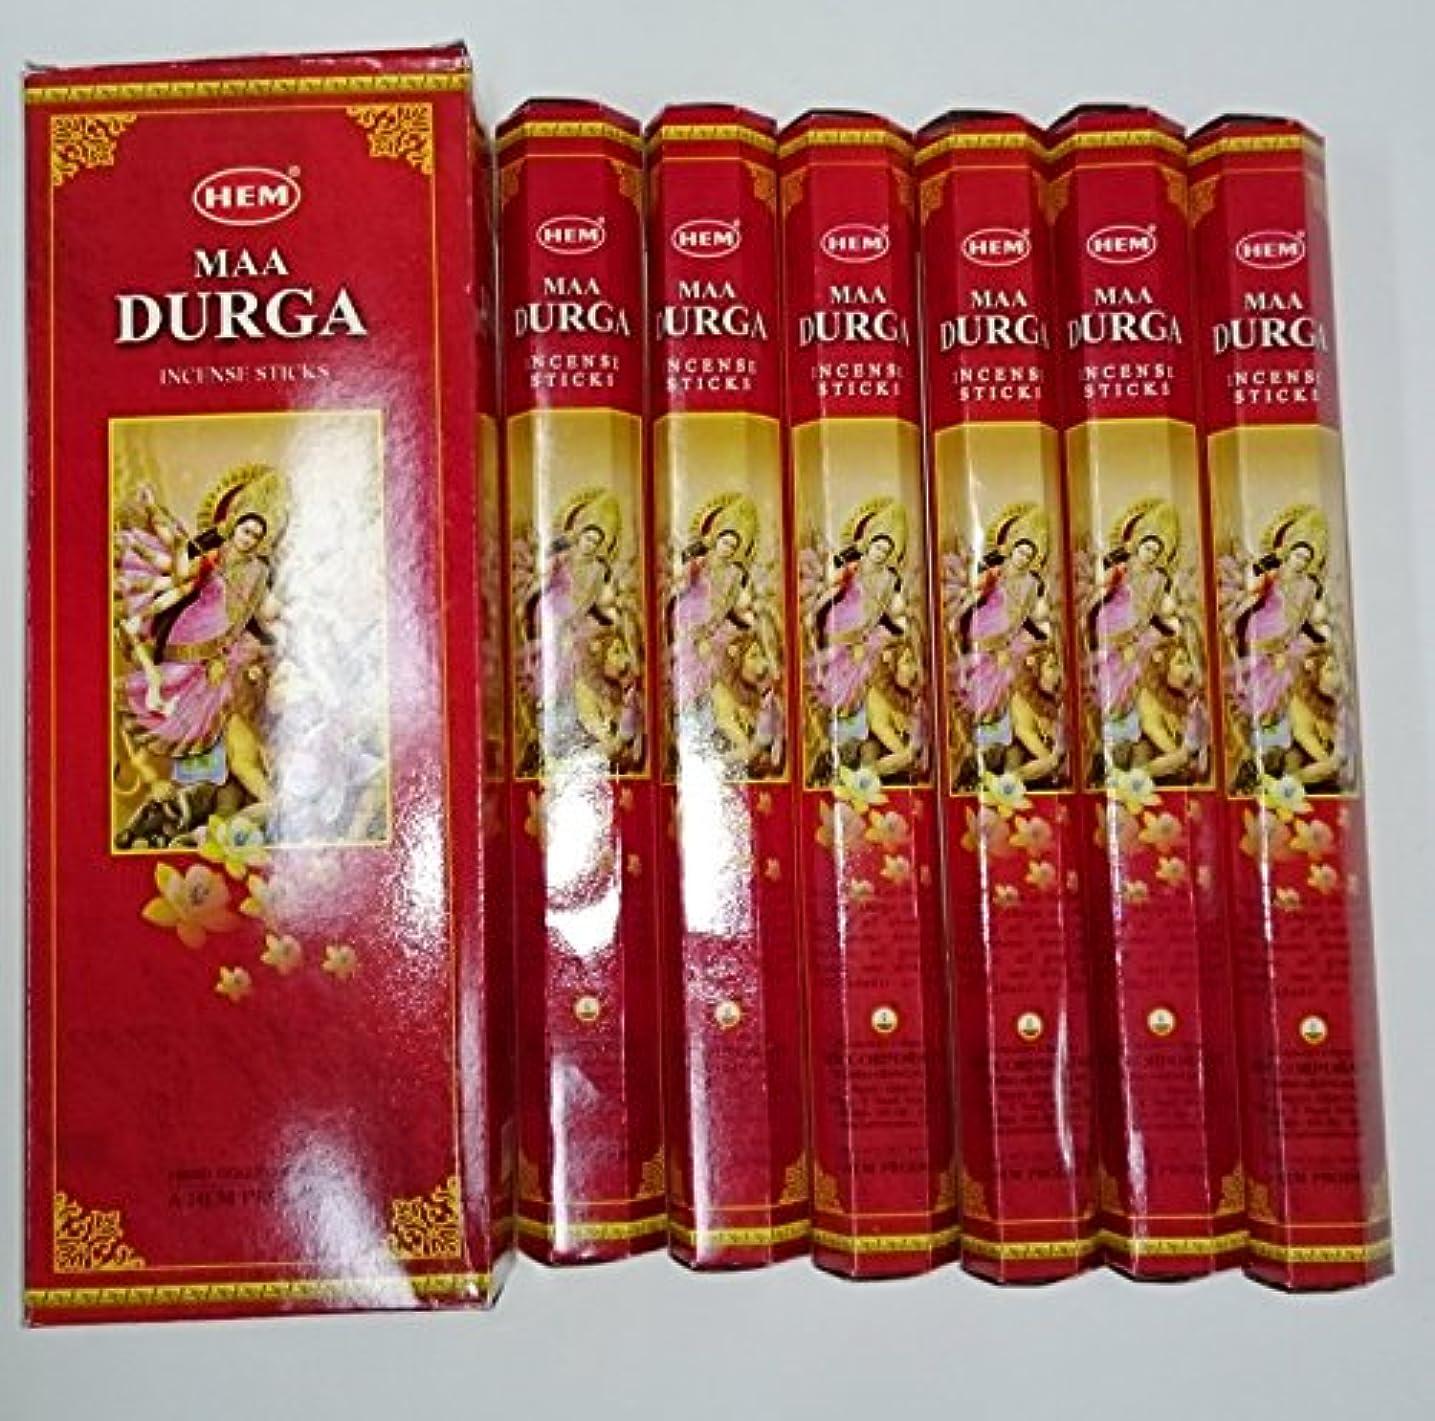 妻トリップ関係HEM(ヘム) スティックお香 六角香 ヘキサパック ドゥルガー香 6角(20本入)x6箱[並行輸入品]DURGA